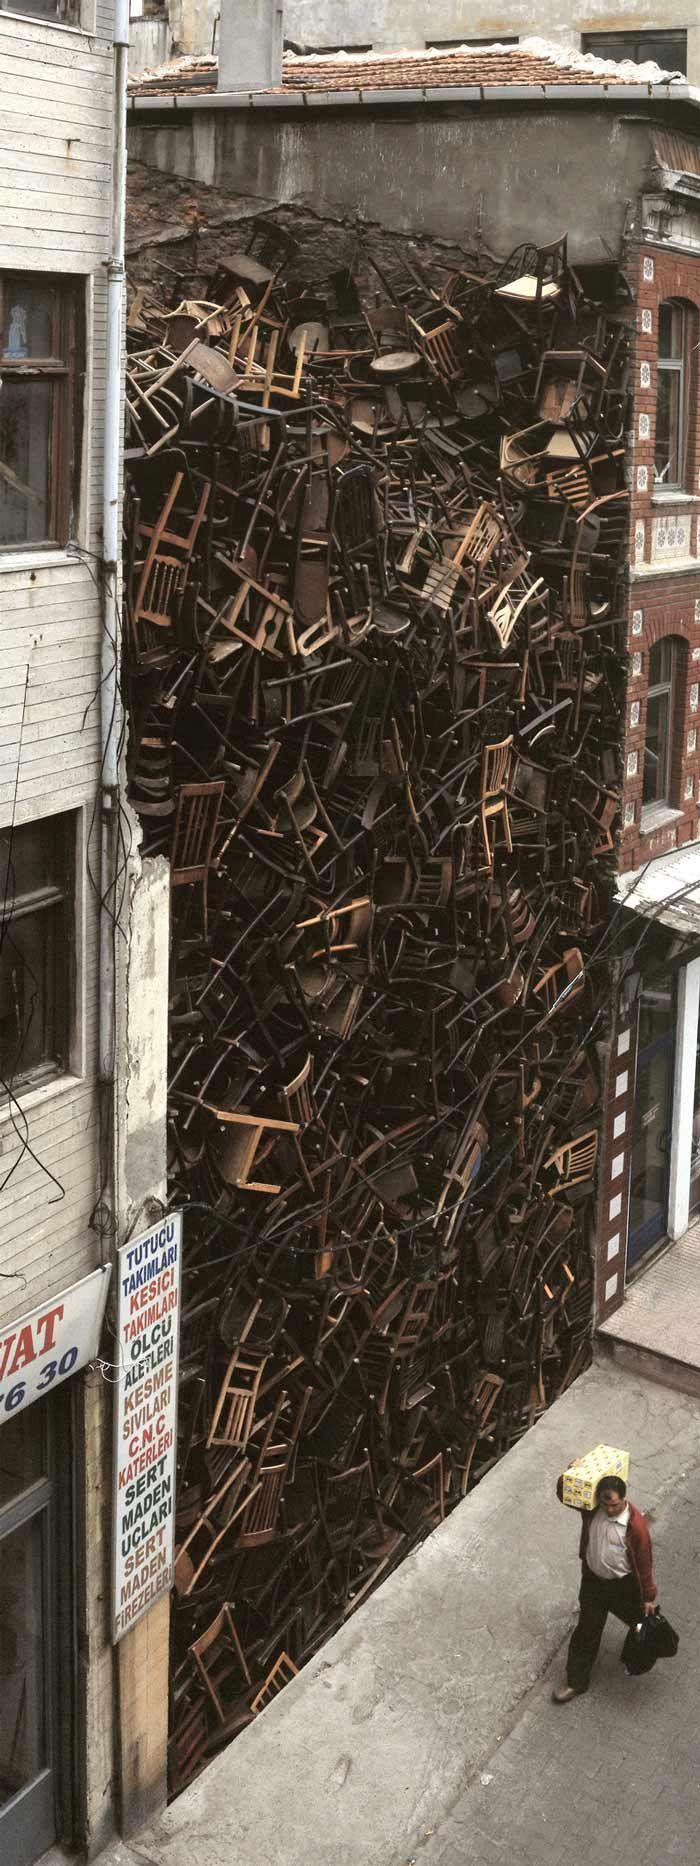 Doris Salcedo, Topographie de la guerre 1600 chaises sur un espace vide entre deux bâtiments à Istanbul.